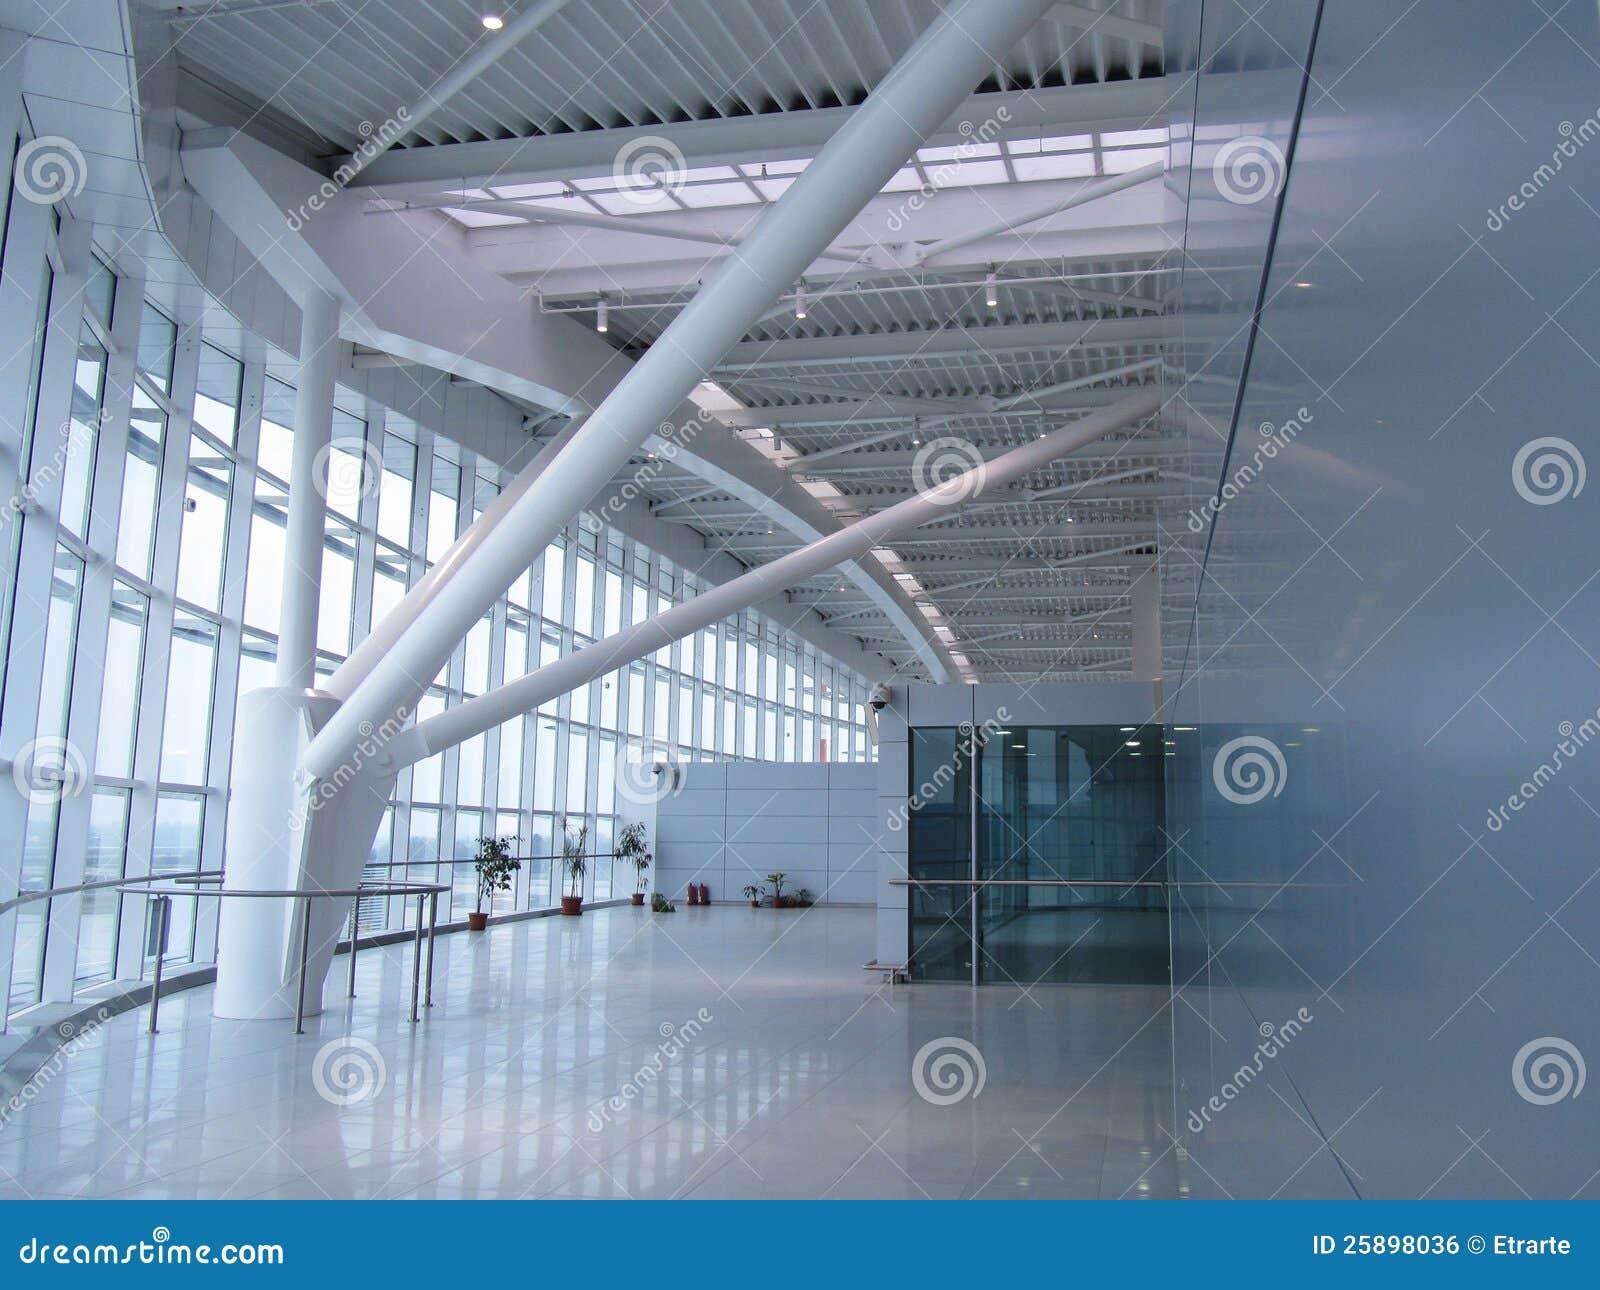 Aeroporto Bucarest : Aéroport international de bucarest otopeni photo stock